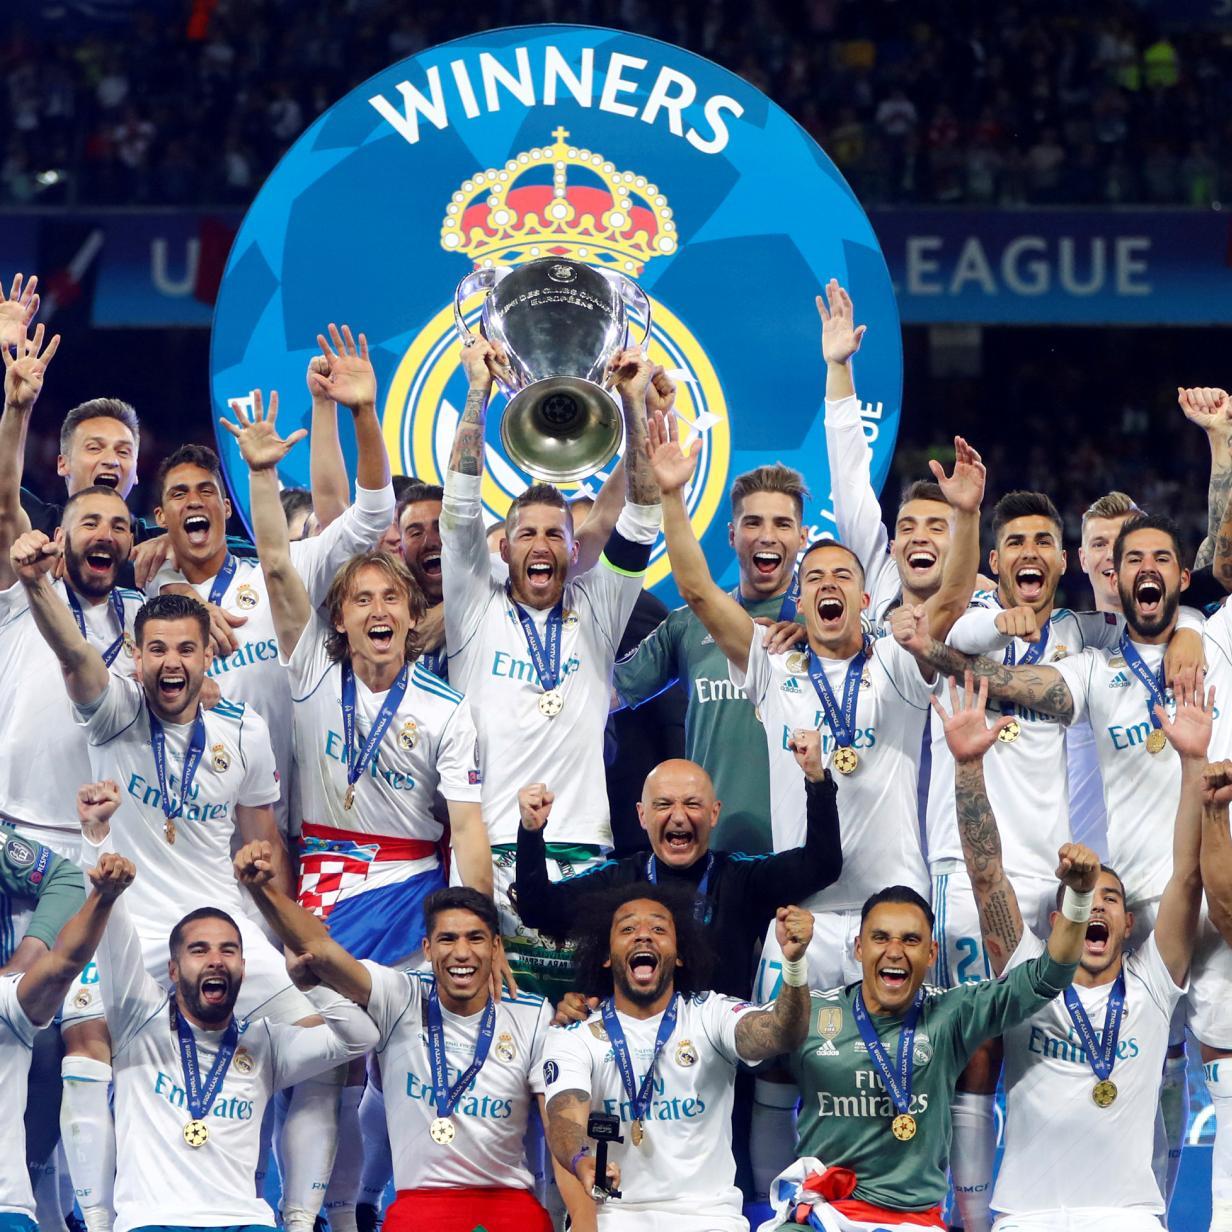 Zehn-Jahres-Bilanz: Spanien dominiert den Europacup